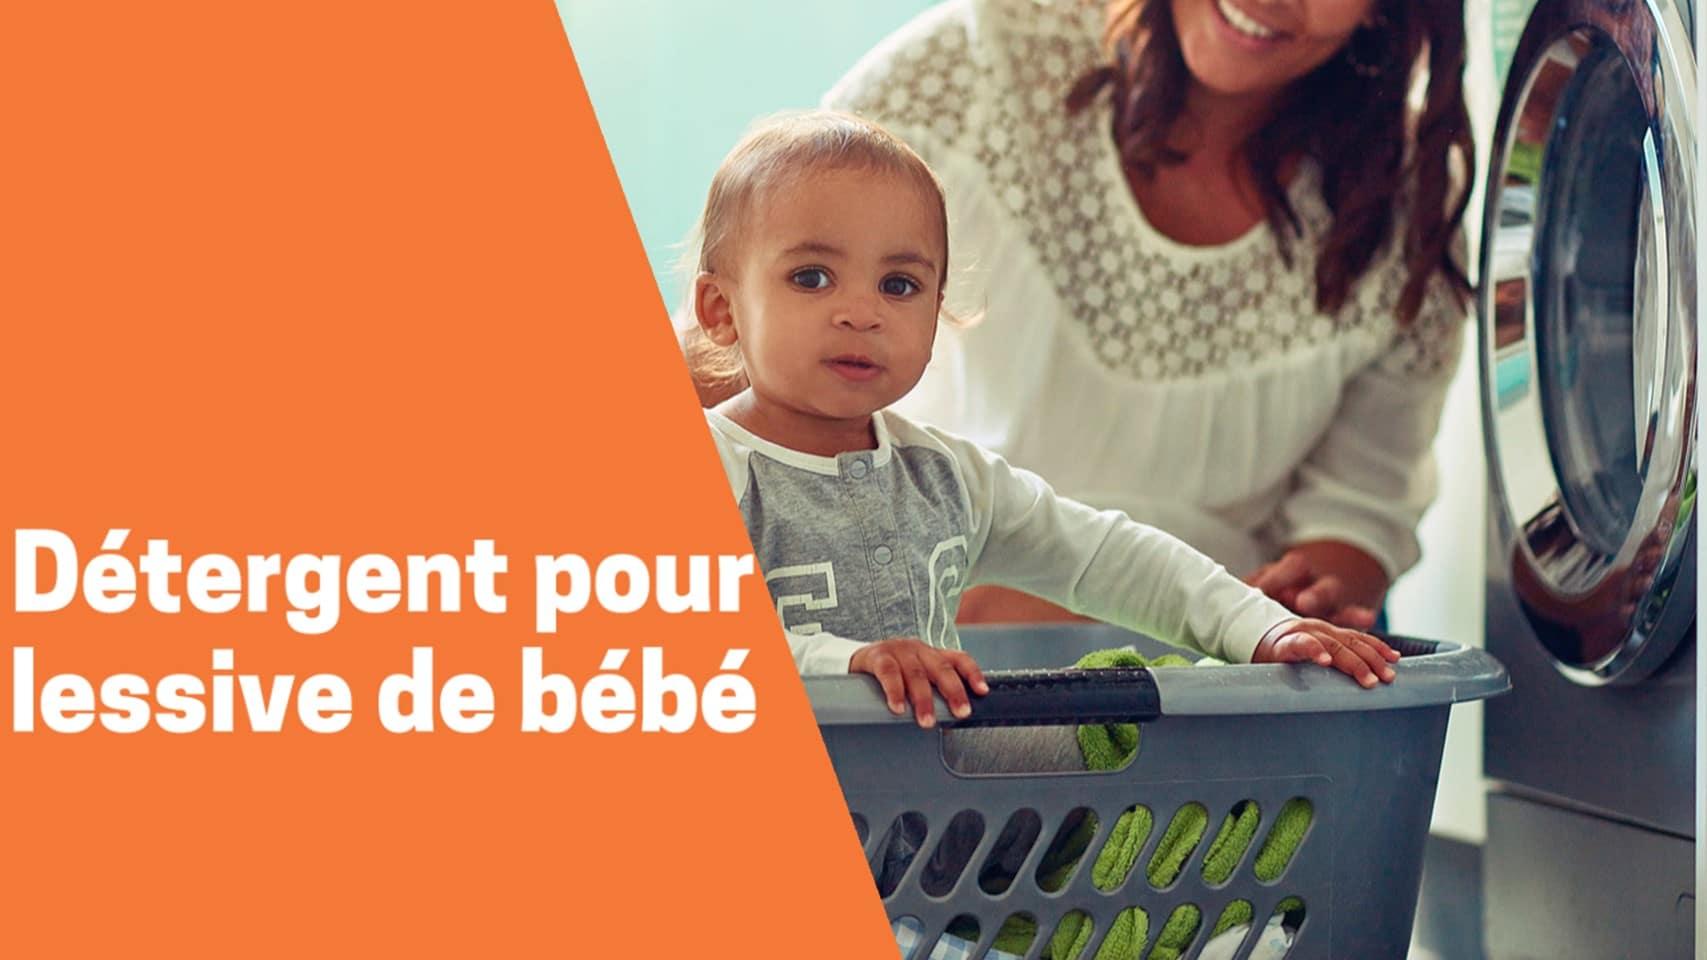 Meilleur détergent pour lessive de bébé comparatif avis test guide achat